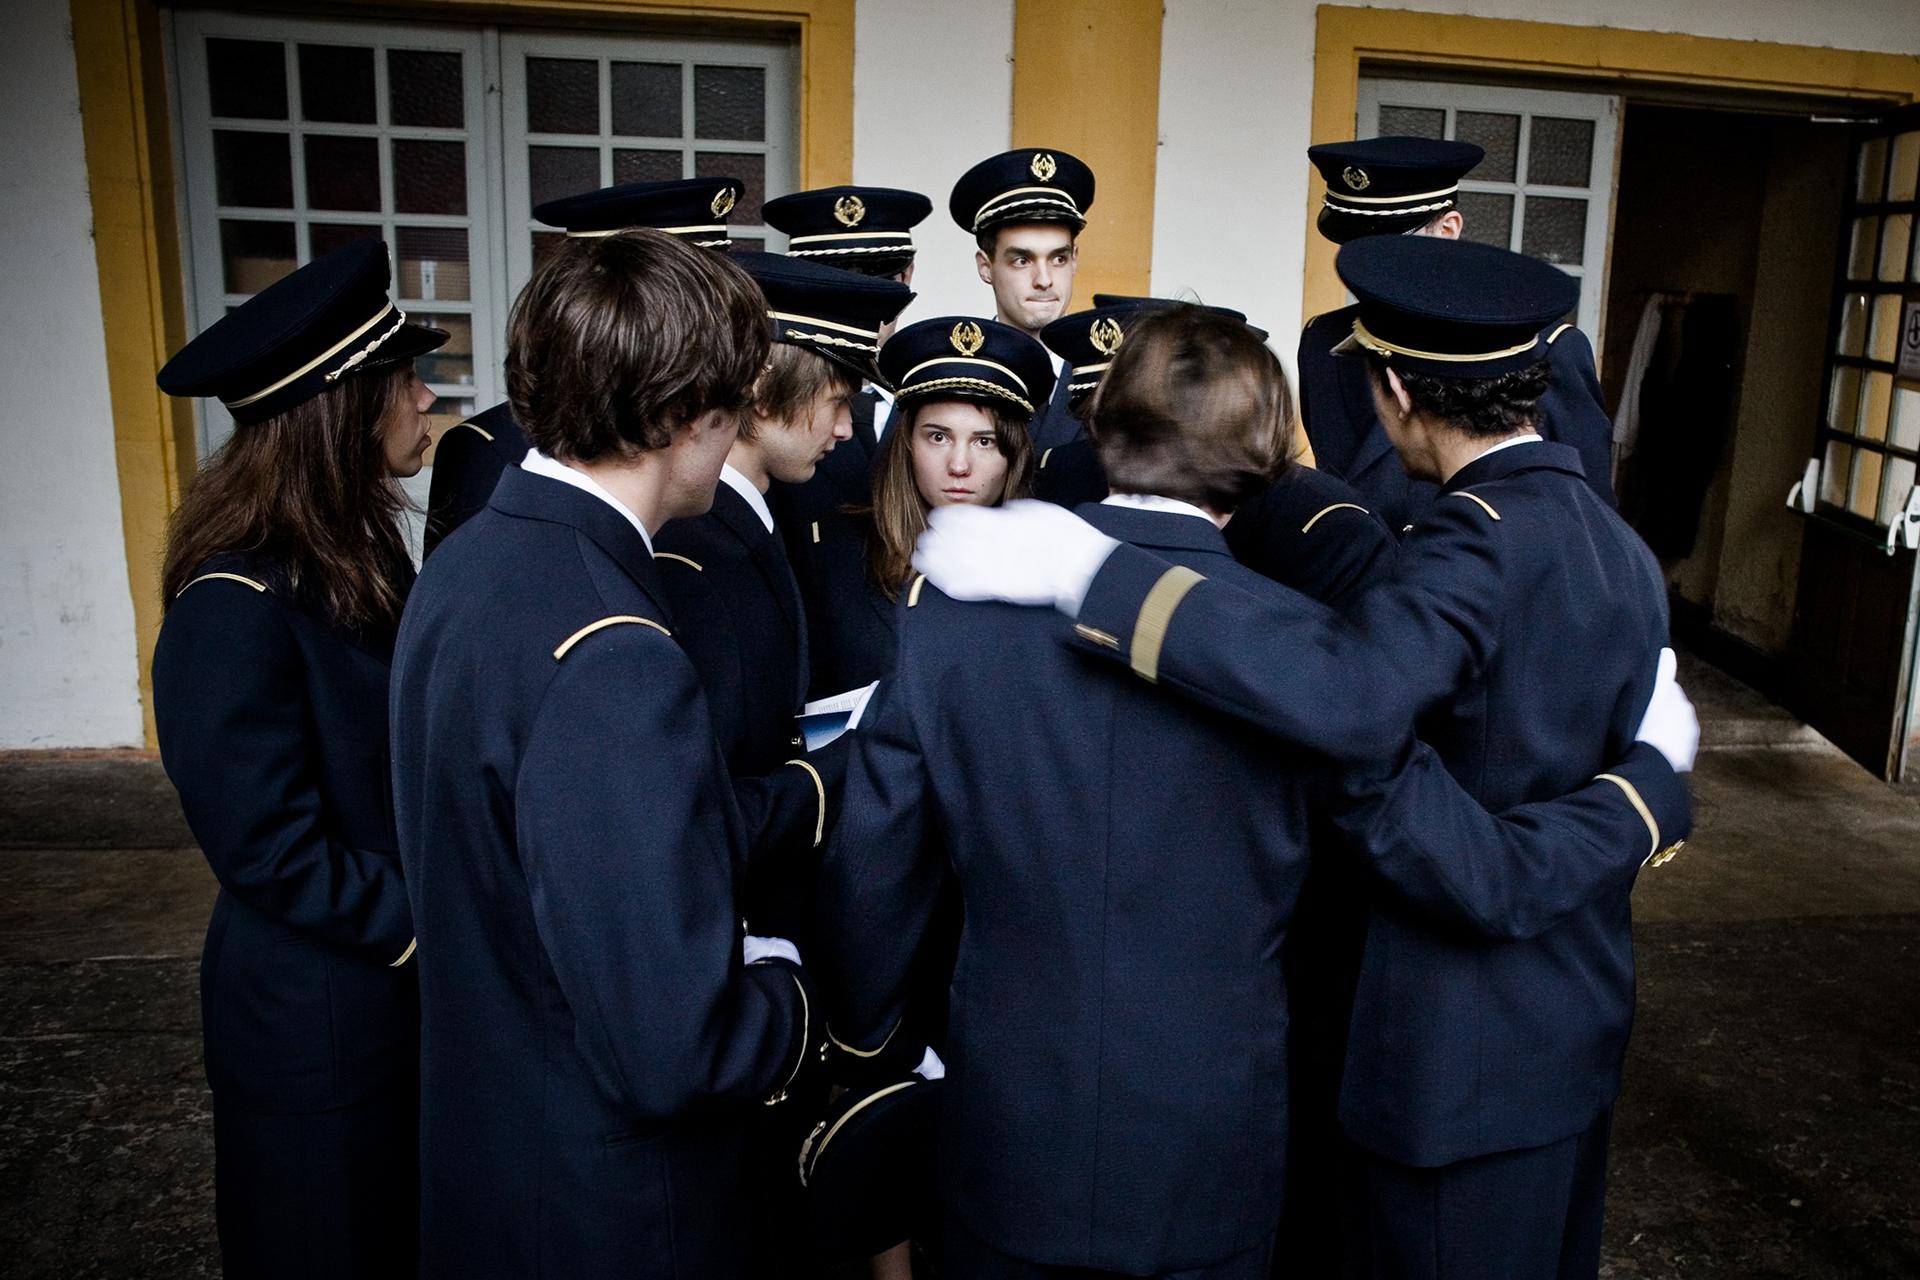 Un groupe de conscrits se concertent avant d'entrer dans le cloitre de l'abbaye où ils devront défiler devant leurs parents venus assister au baptême. Centre d'enseignement de Cluny, 2010.